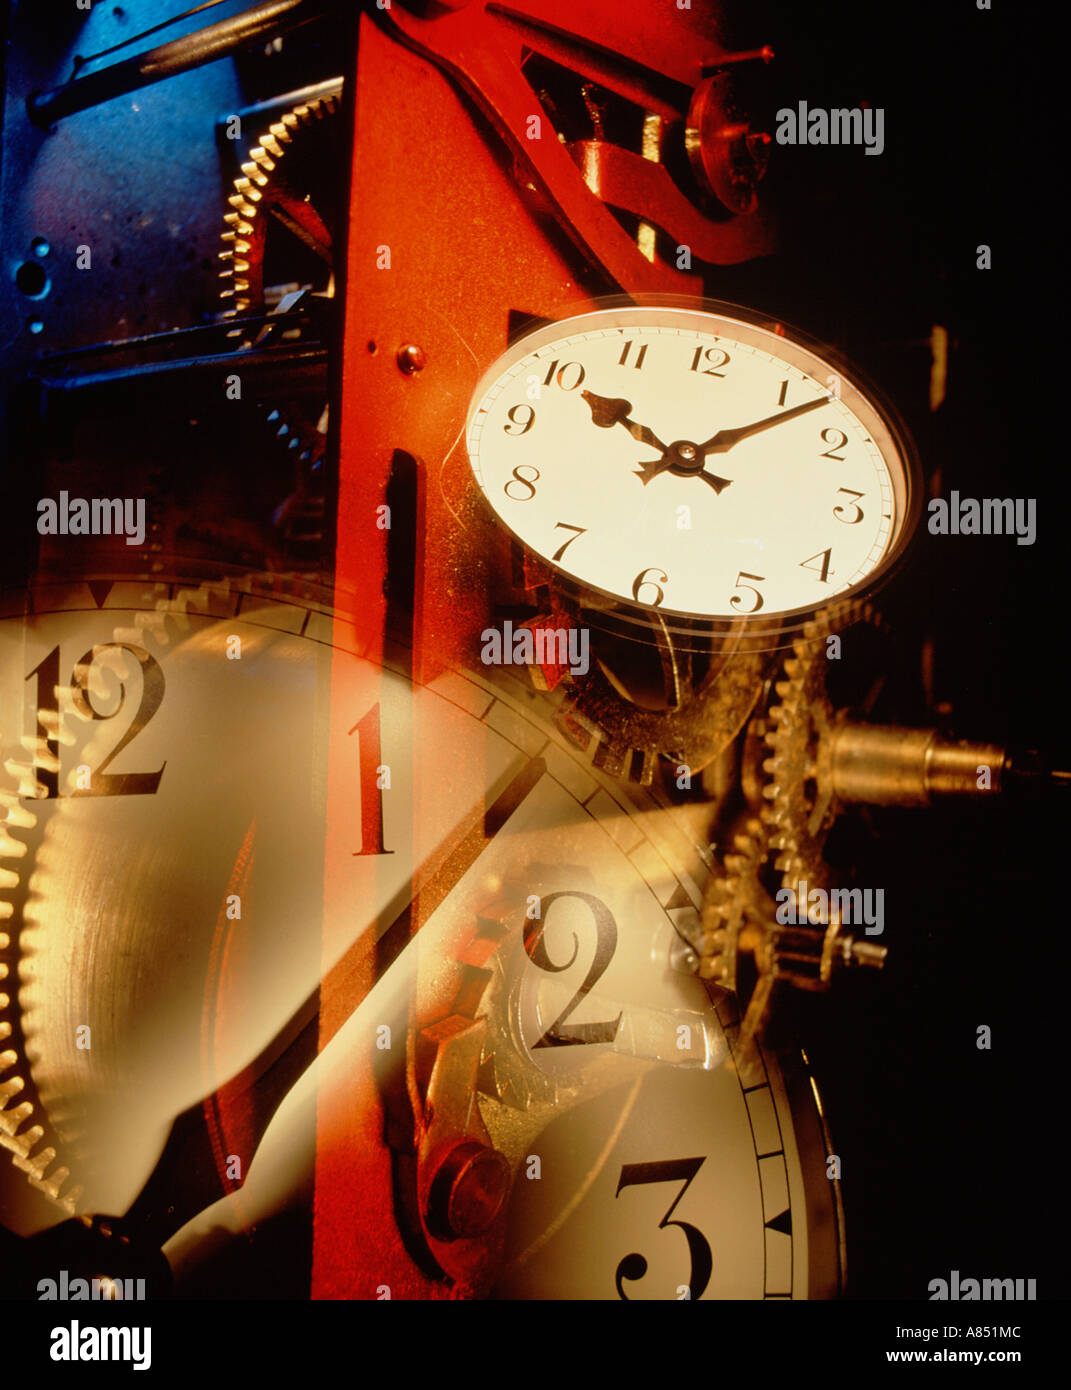 Tiempo de vida aún concepto montage de mecanismo de reloj reloj cogs y caras. Imagen De Stock